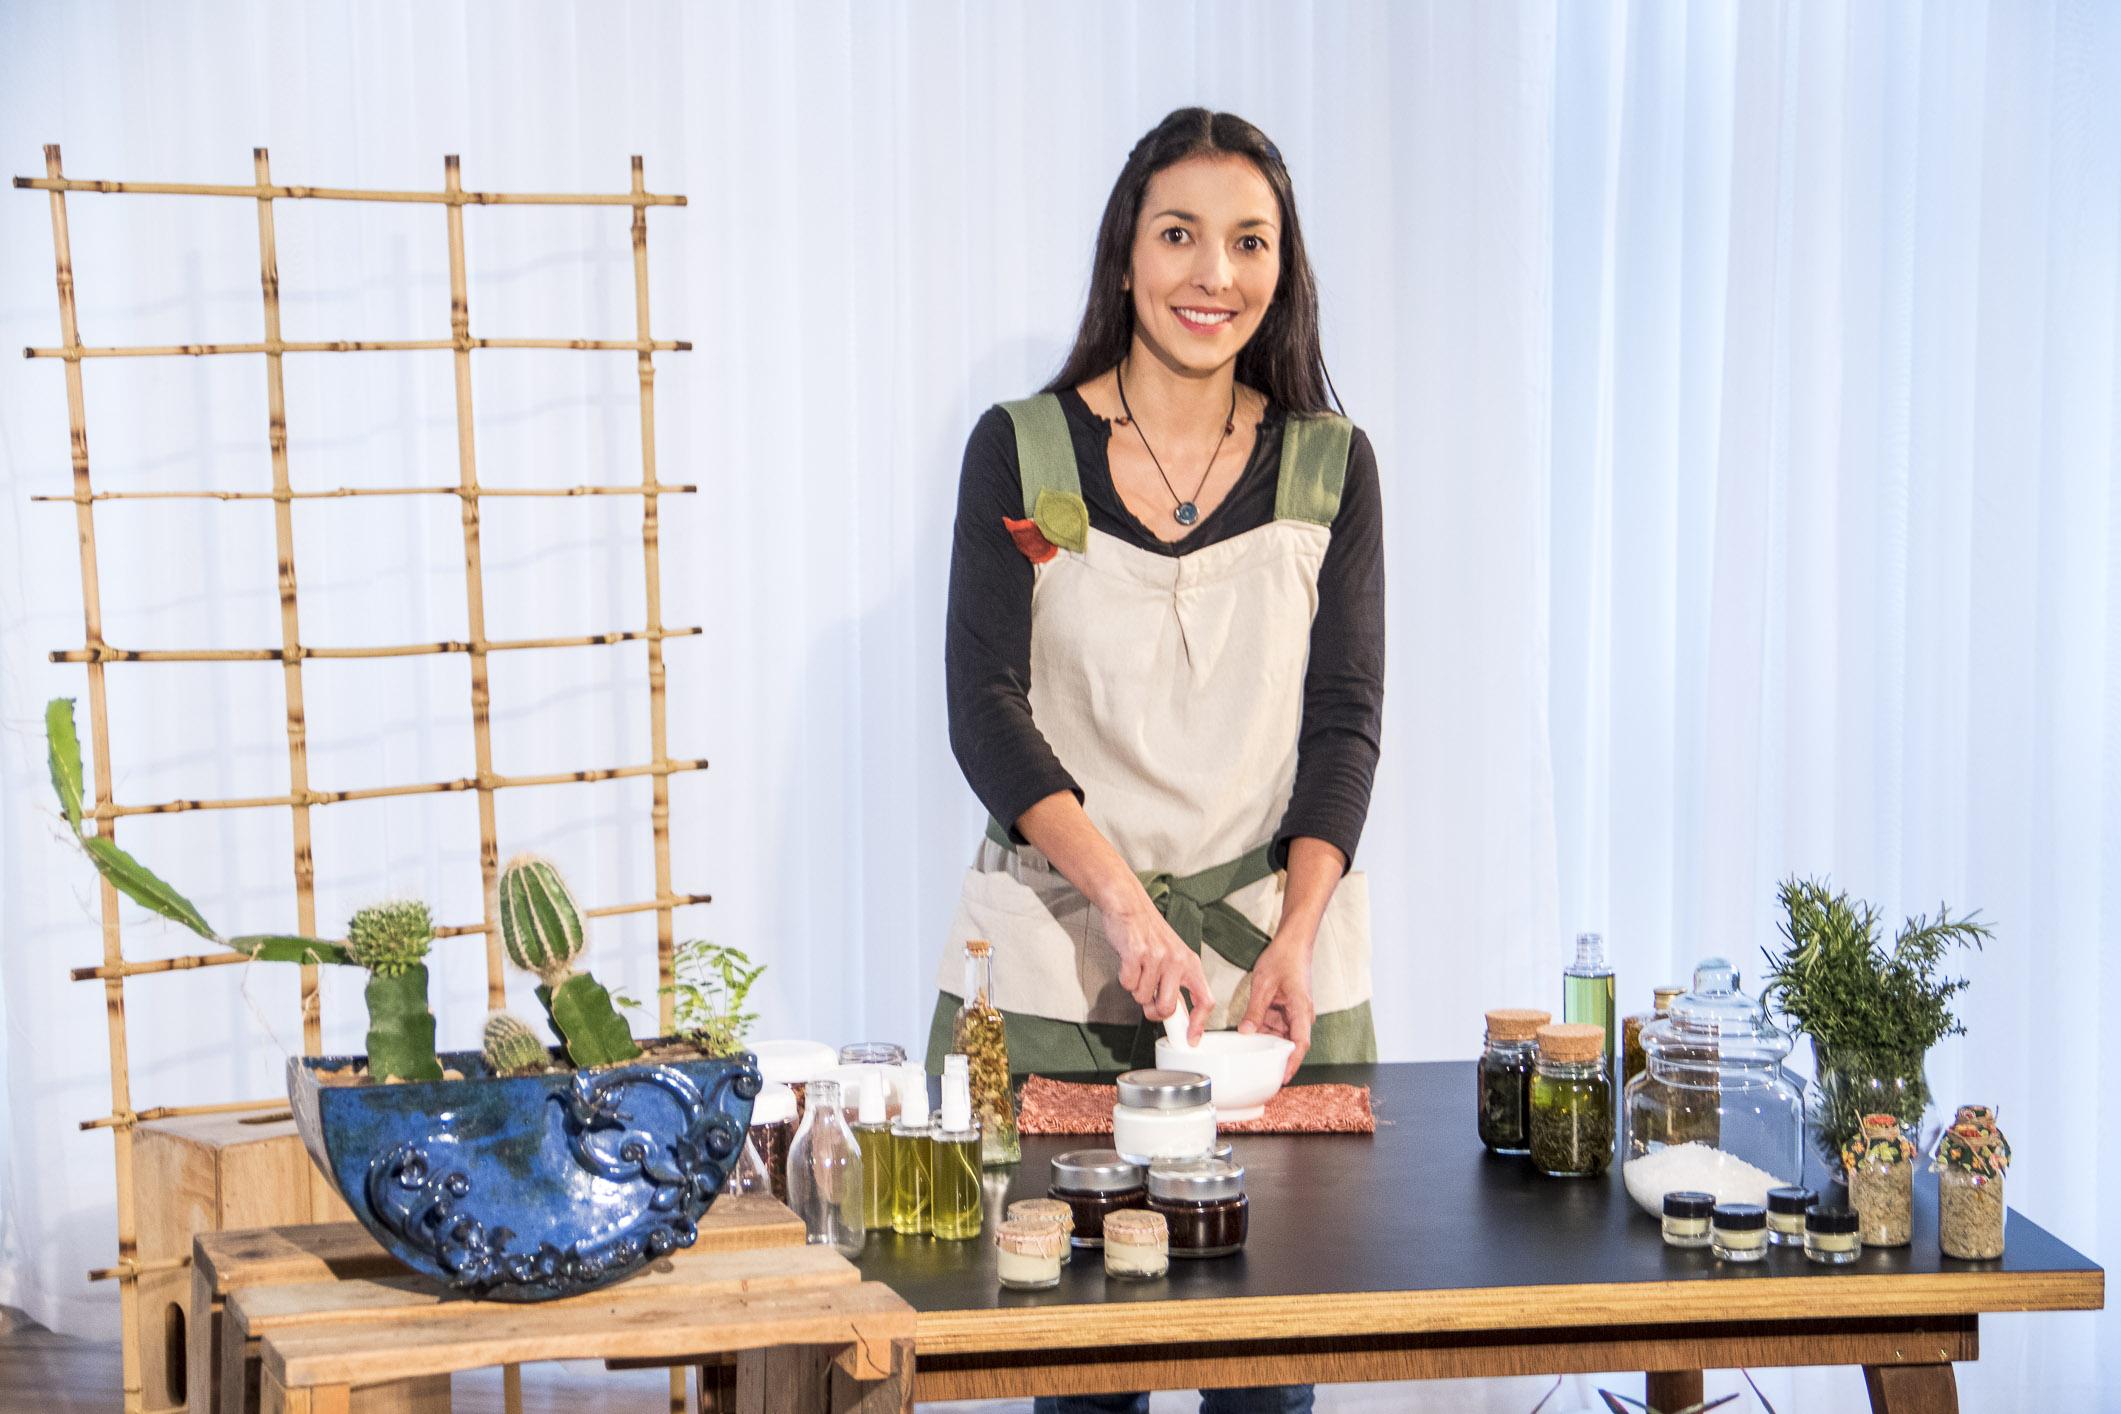 Especialista em cosmética natural, Débora Tieko faz a alquimia dos produtos em curso da eduK